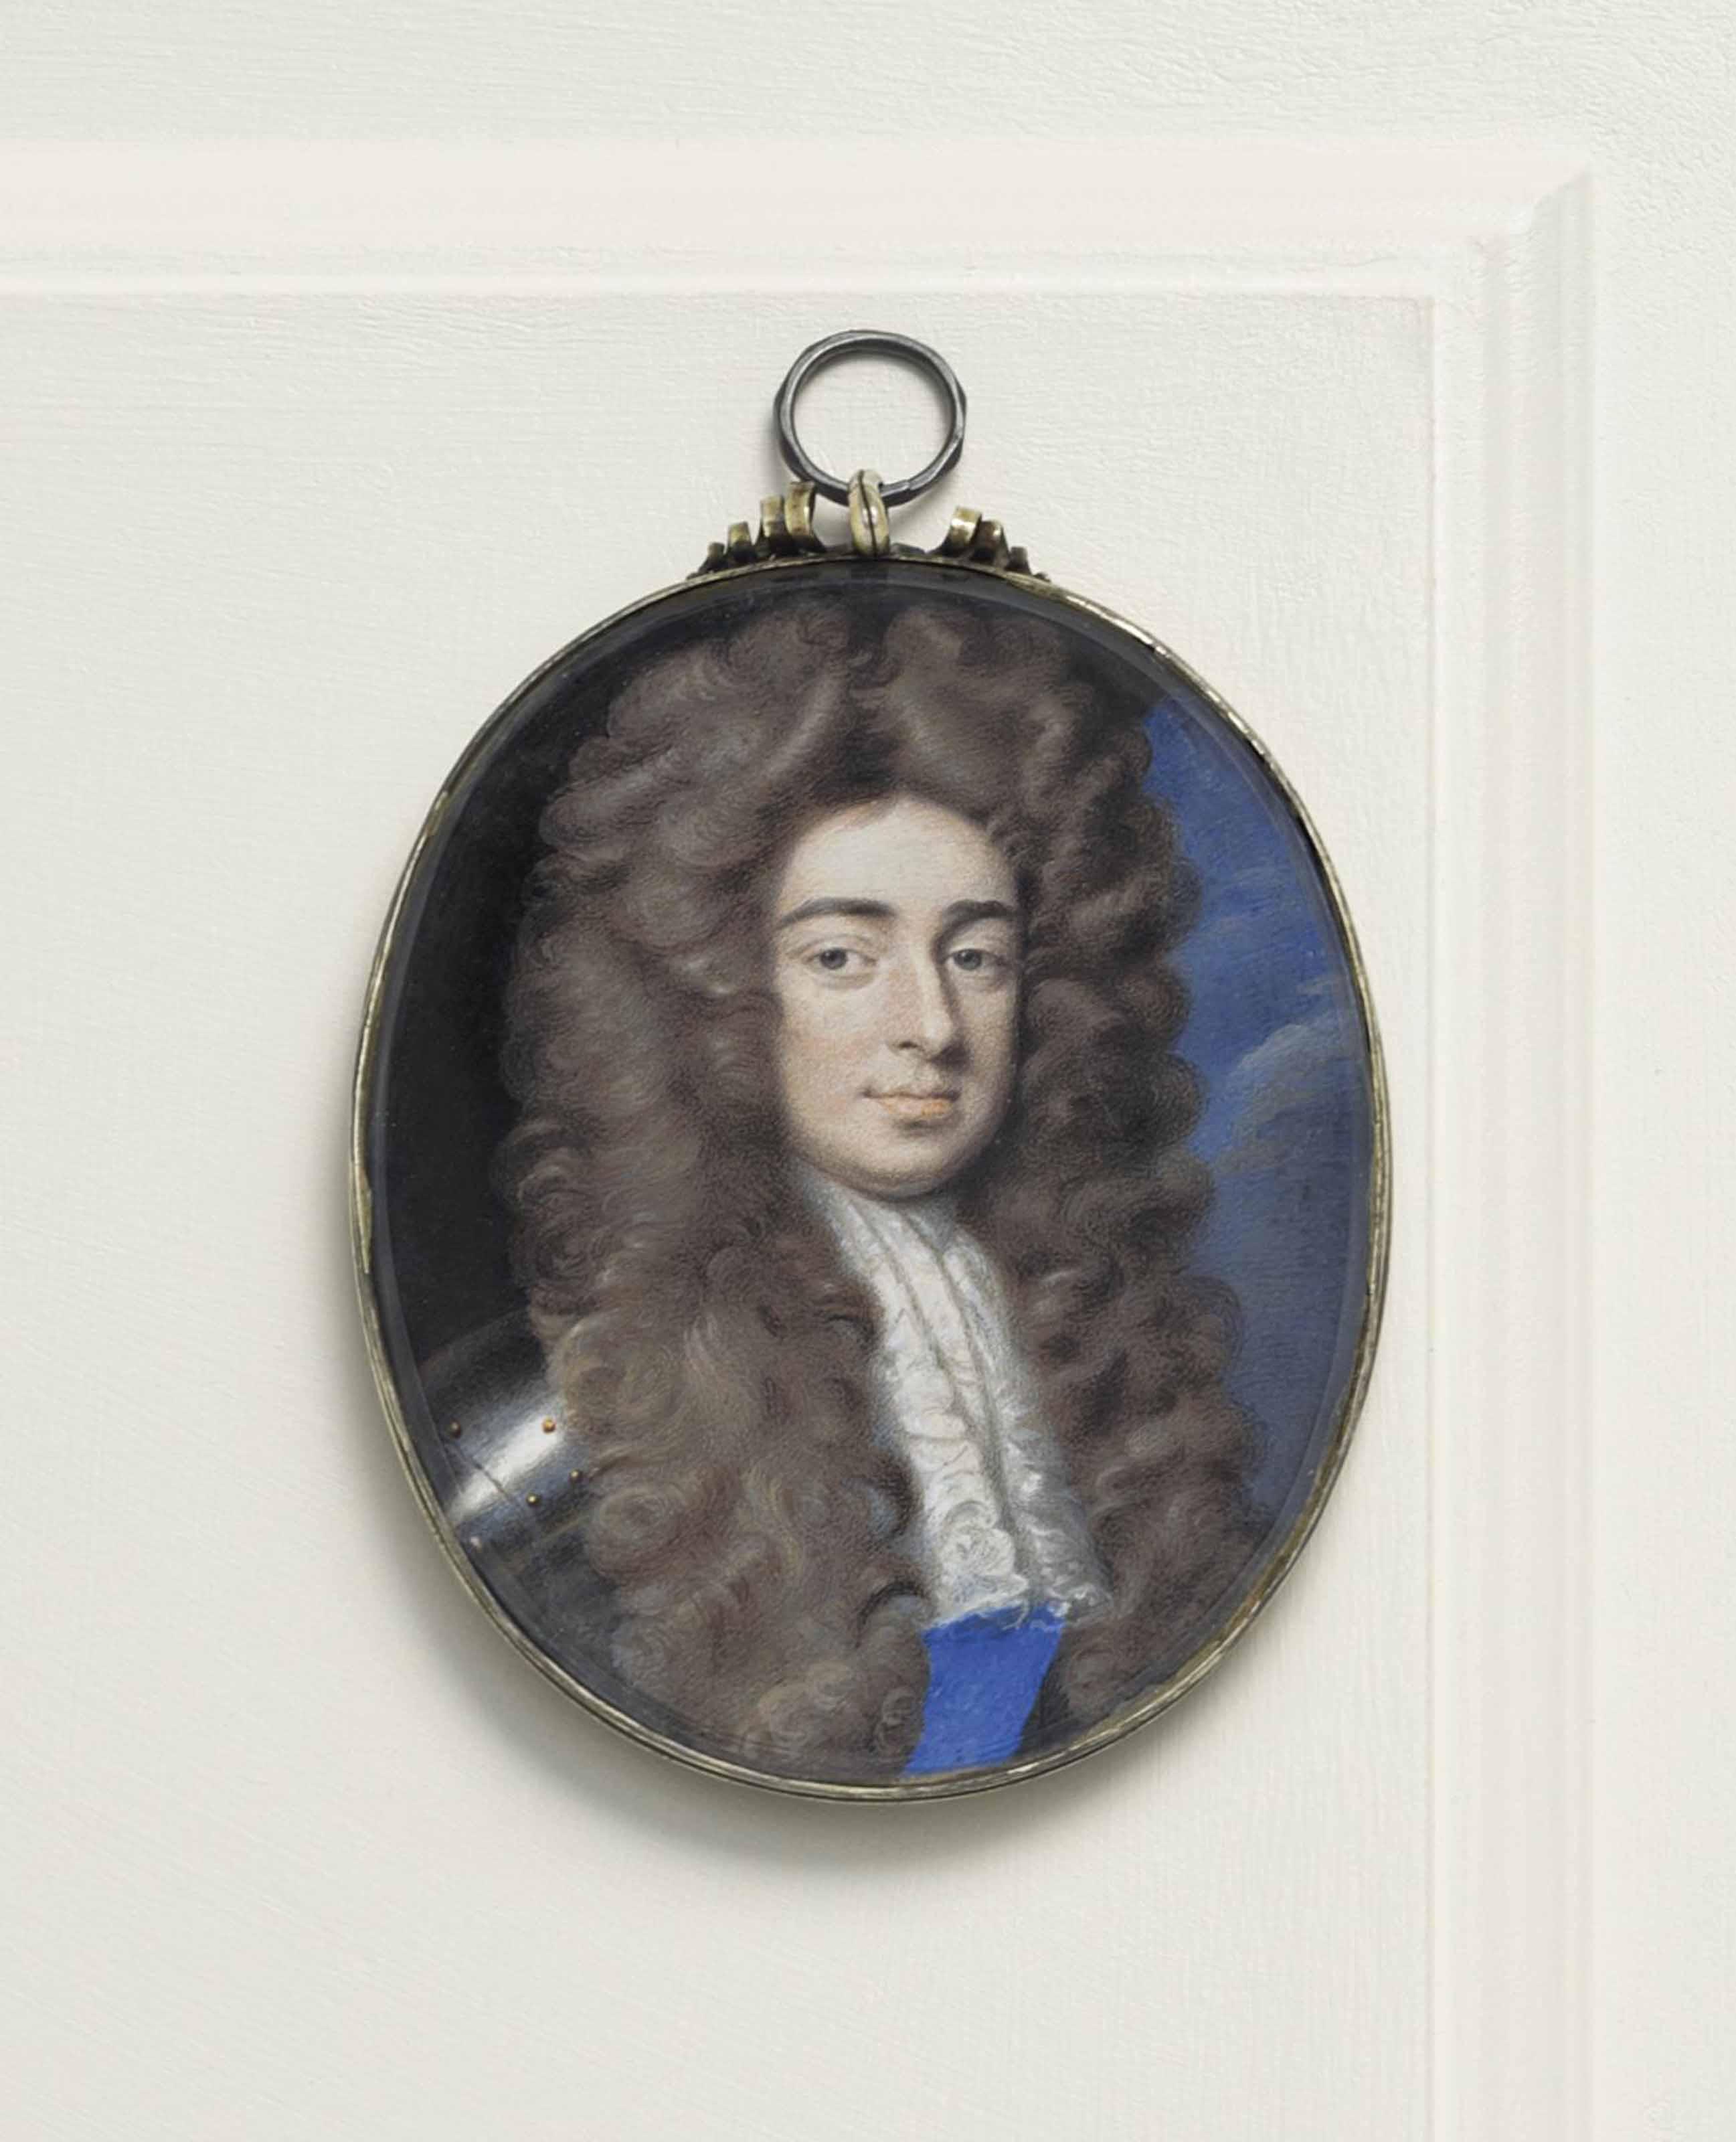 PETER CROSS (BRITISH, C. 1645-1724) AFTER SIR GODFREY KNELLER (BRITISH, 1646-1723)